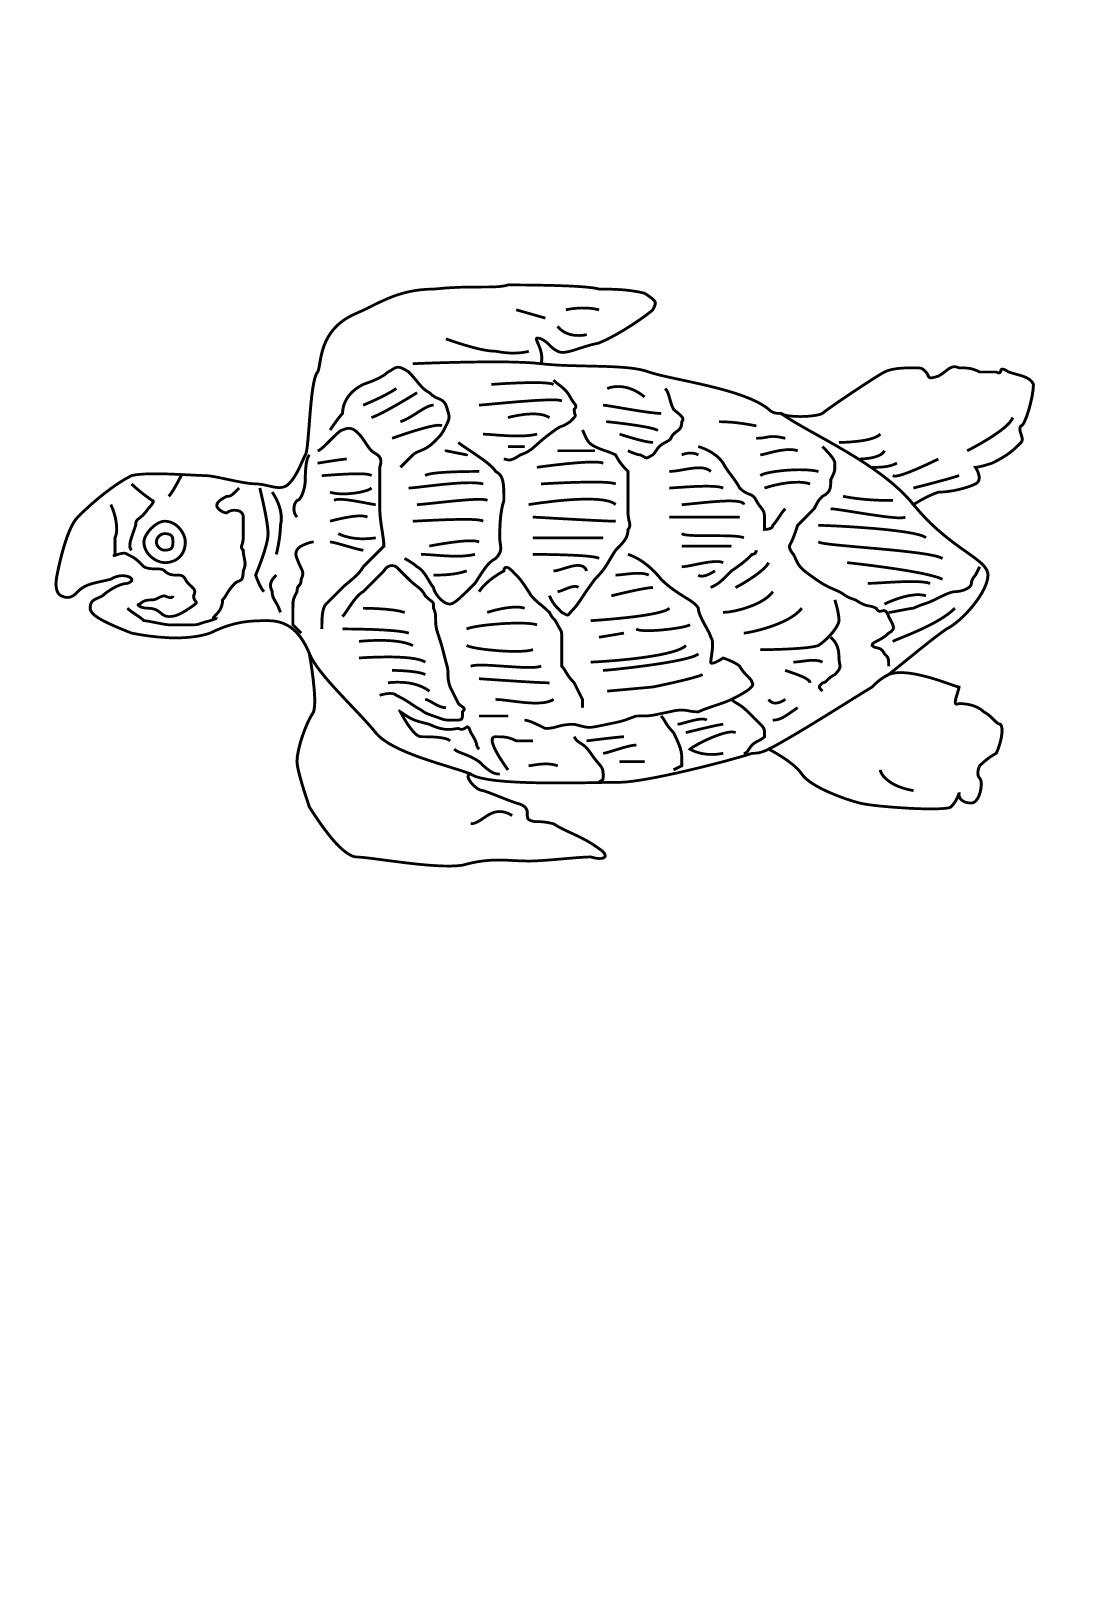 Coloriage Animaux marins #234 (Animaux) - Coloriages à imprimer